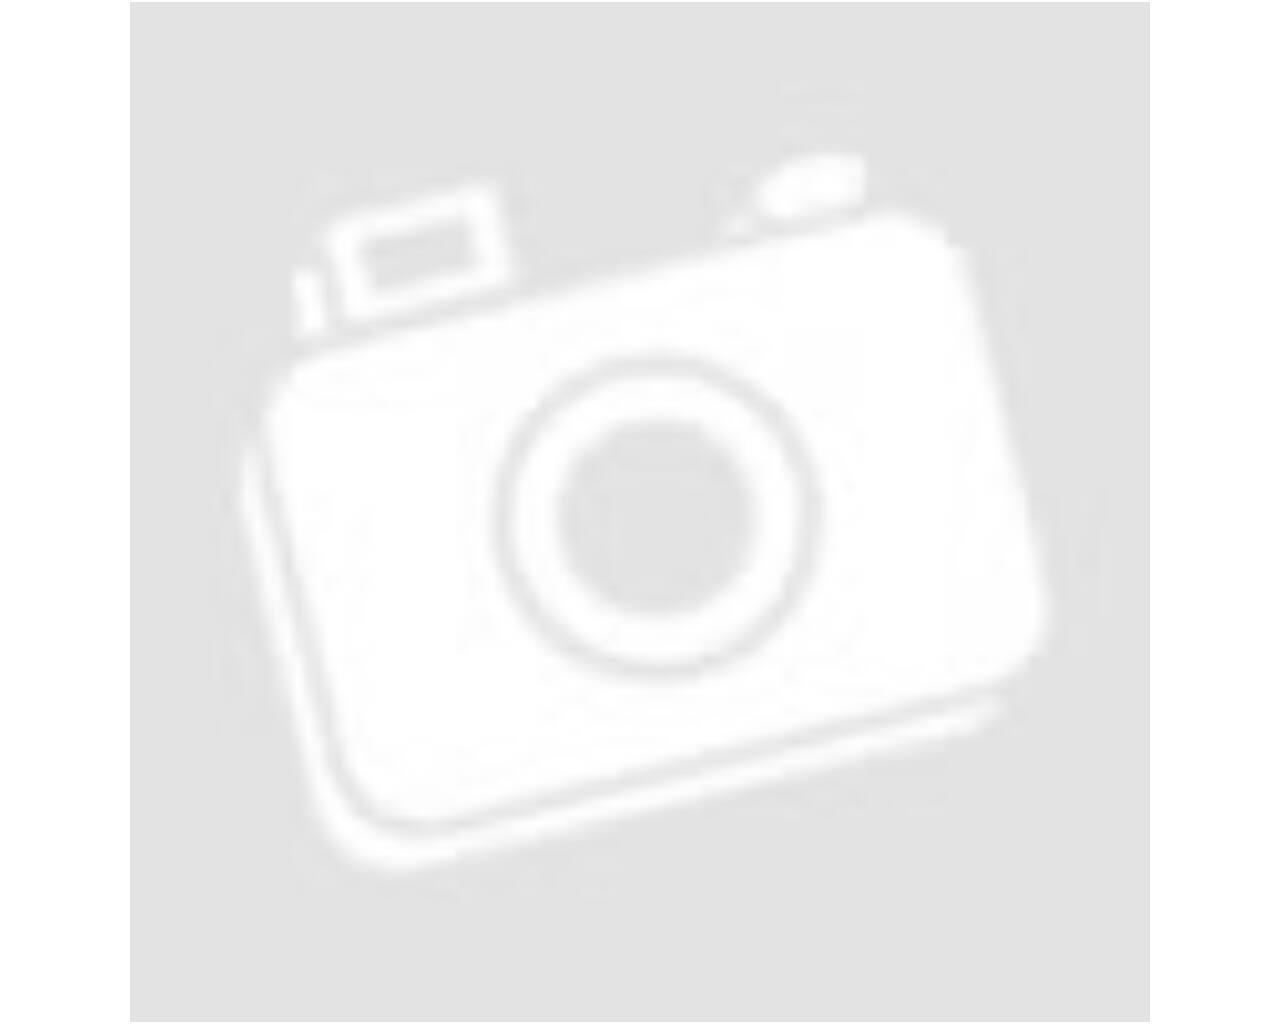 Műanyag ajtó fehér 188x98cm 3 kamrás Far East Weiss